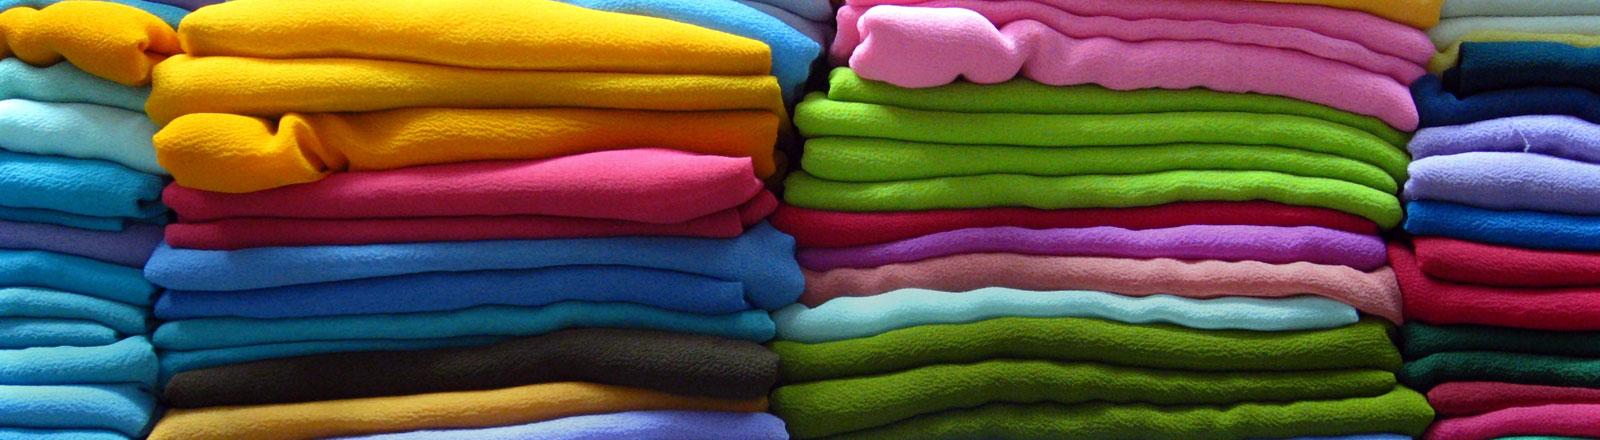 Bunte gefaltete Klamotten liegen in Reih und Glied.